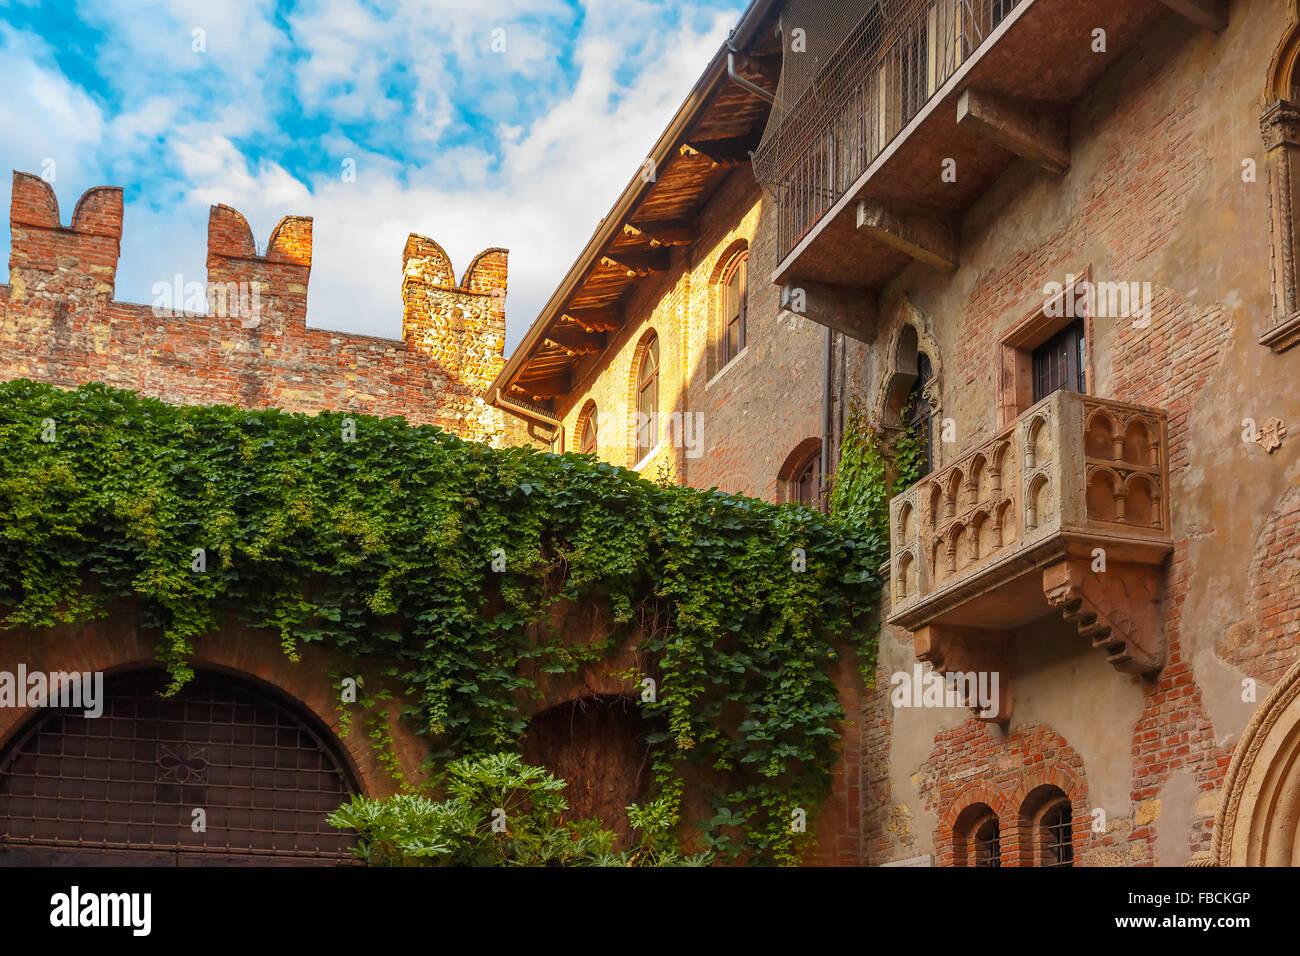 Romeo Und Julia Balkon In Verona Italien Stockfoto Bild 93091846